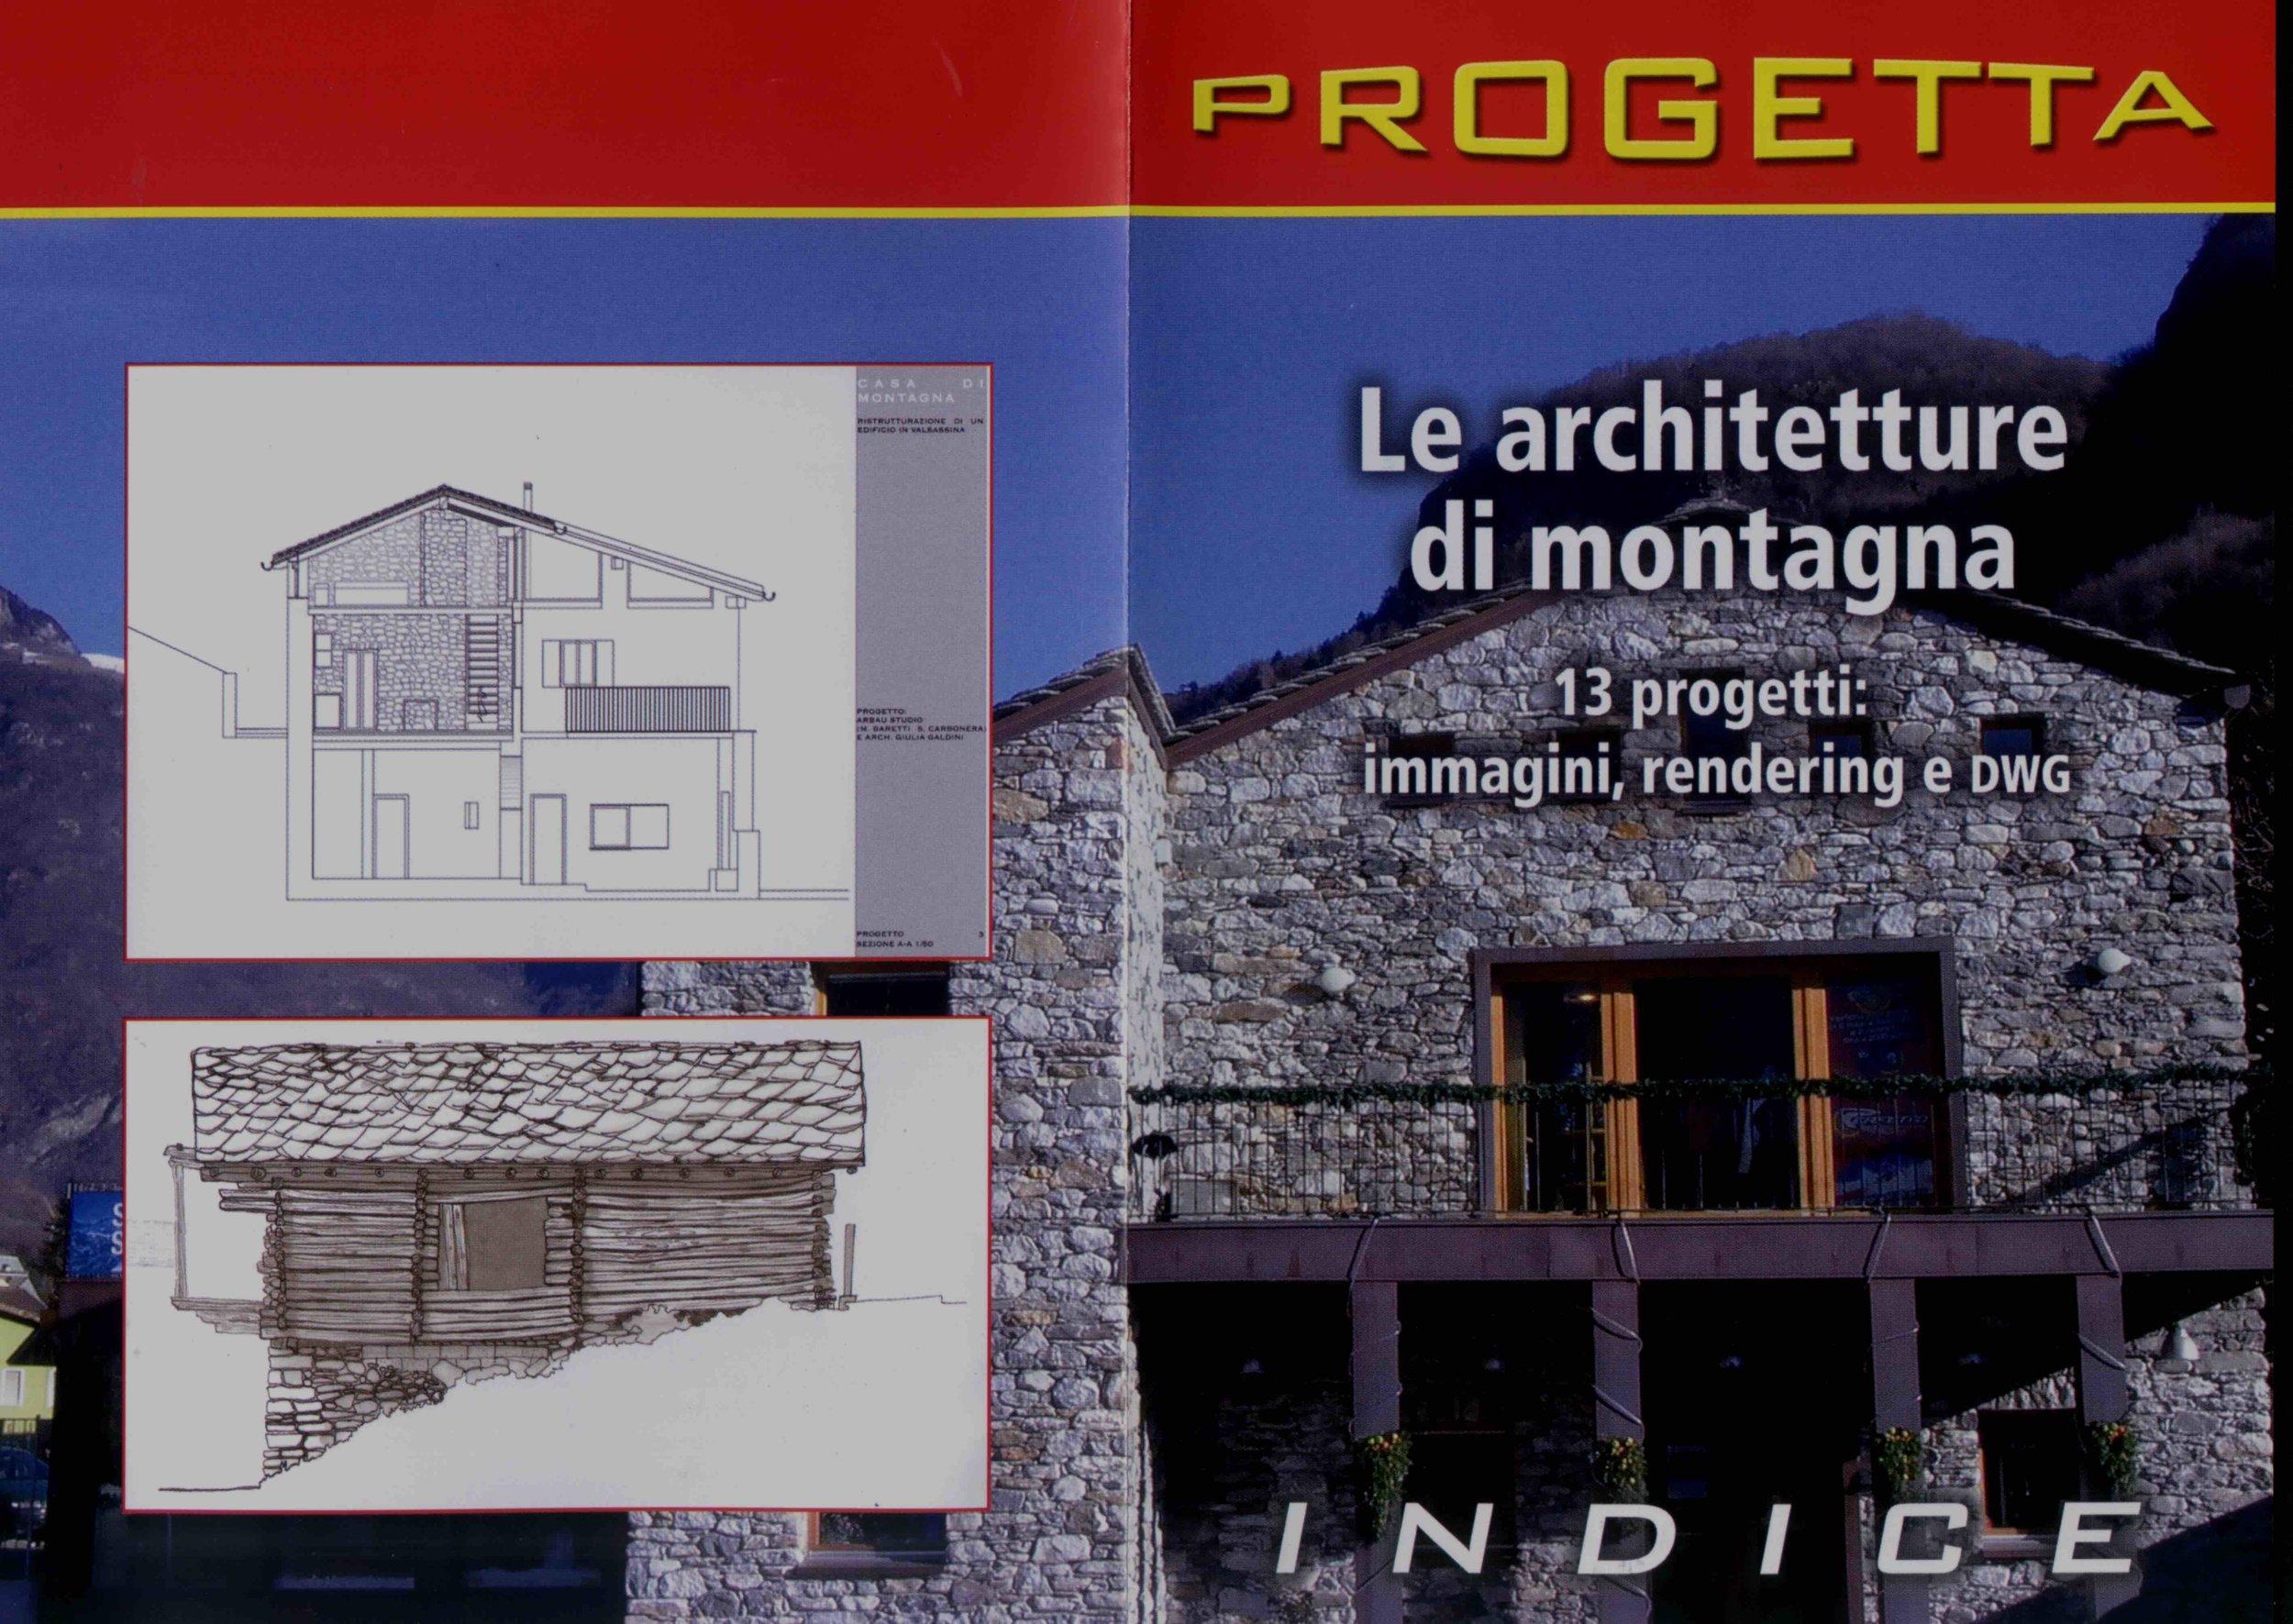 Pennisi e B. Dal Corno, Le architetture di montagna, CD-rom, Maggioli Editore, ottobre 2010